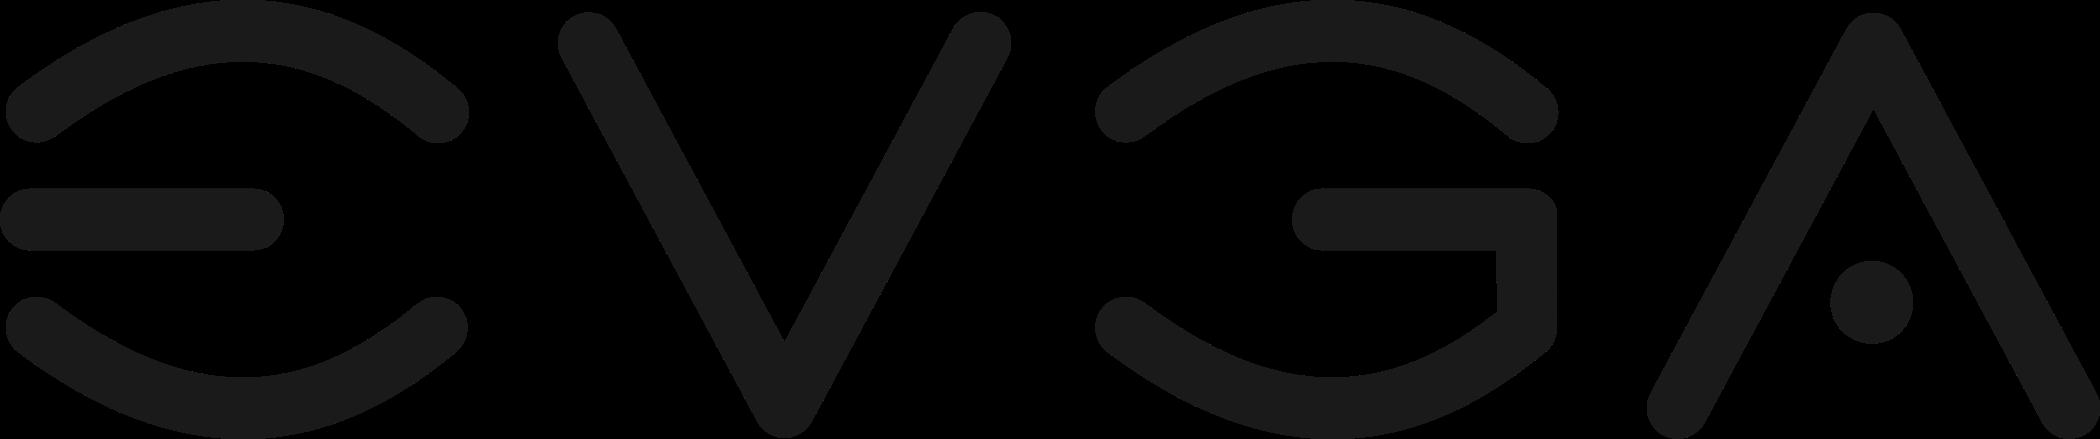 EVGA logo 3 - EVGA Logo